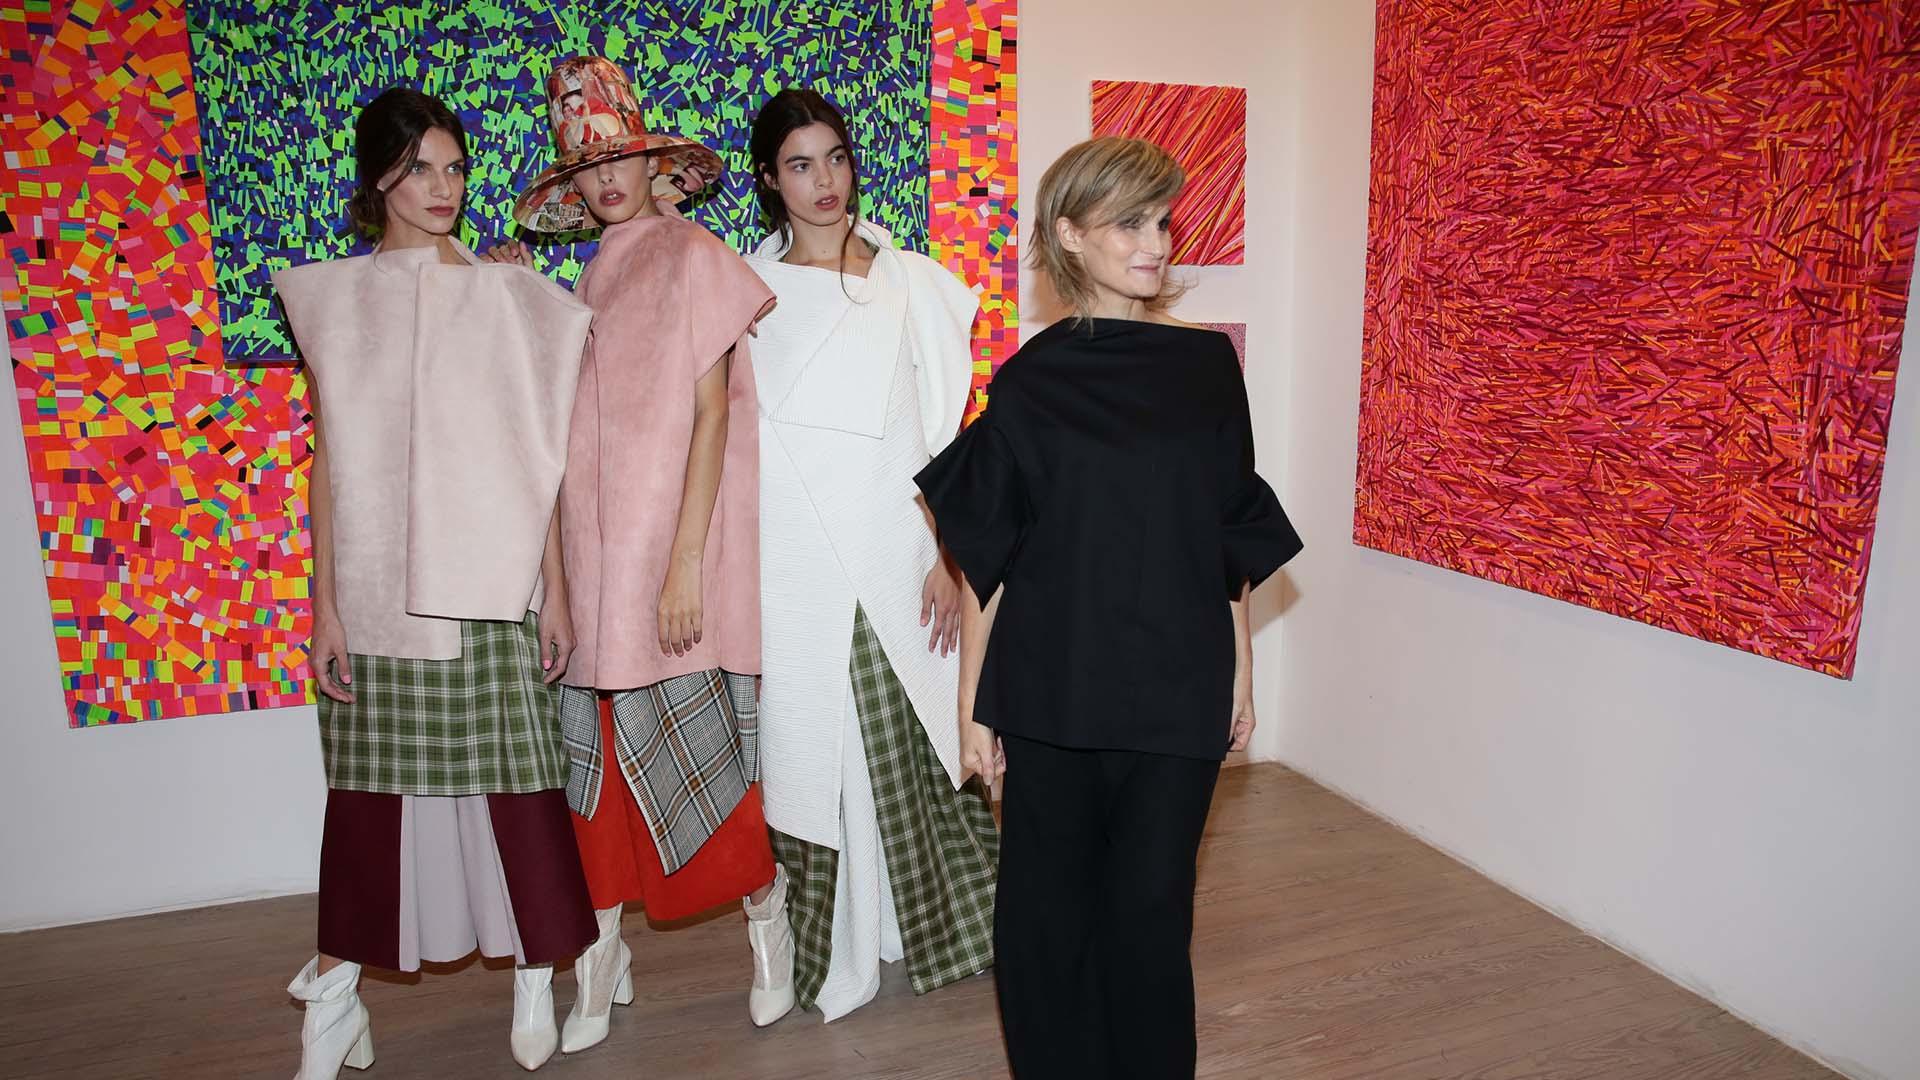 La prestigiosa diseñadora volvió a Designers luego de 3 años fuera de las pasarelas (Ines Garcia Baltar)